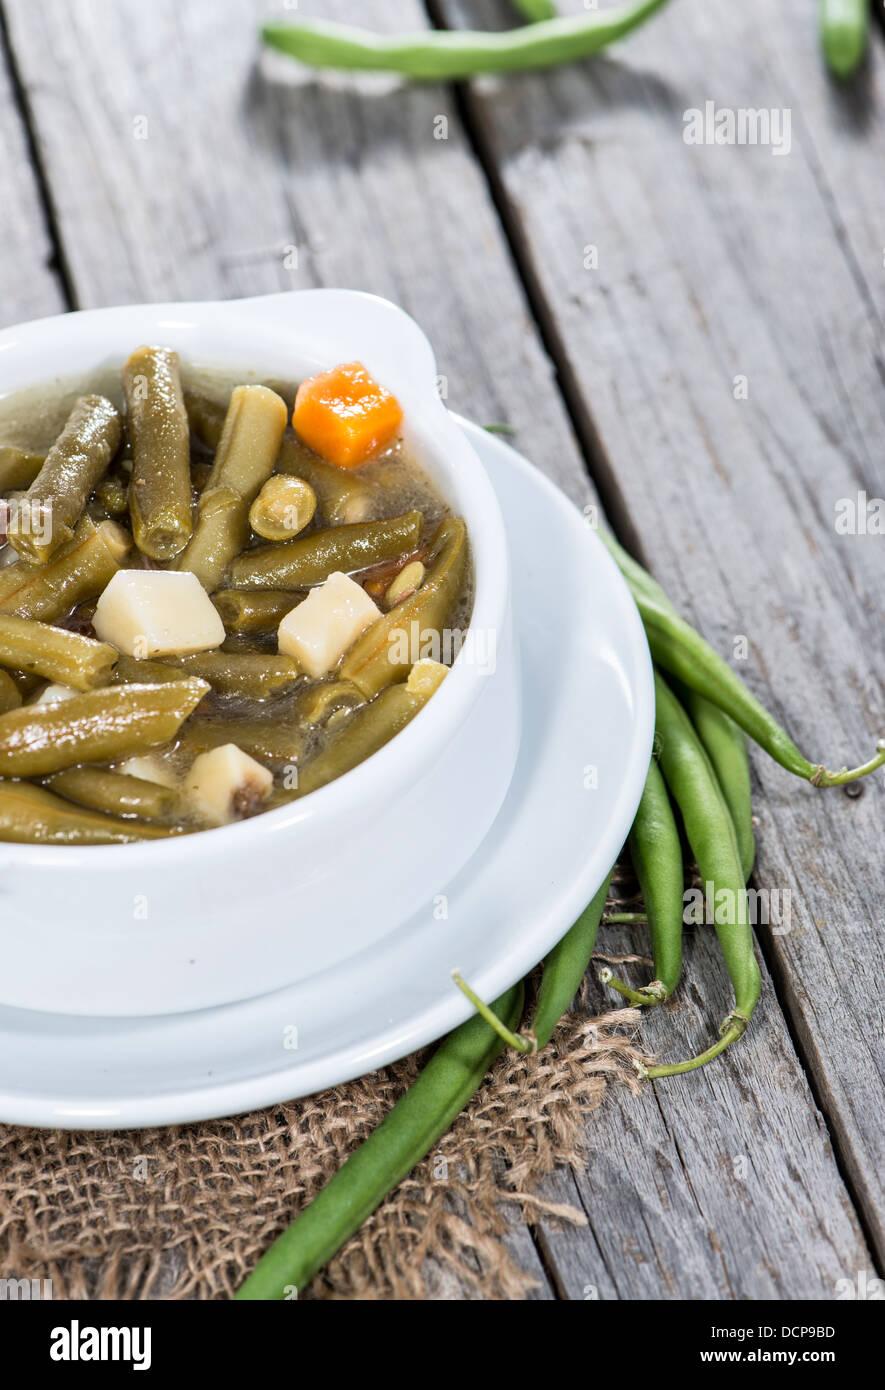 Recipiente con guiso de habichuelas verdes recién hechas Imagen De Stock